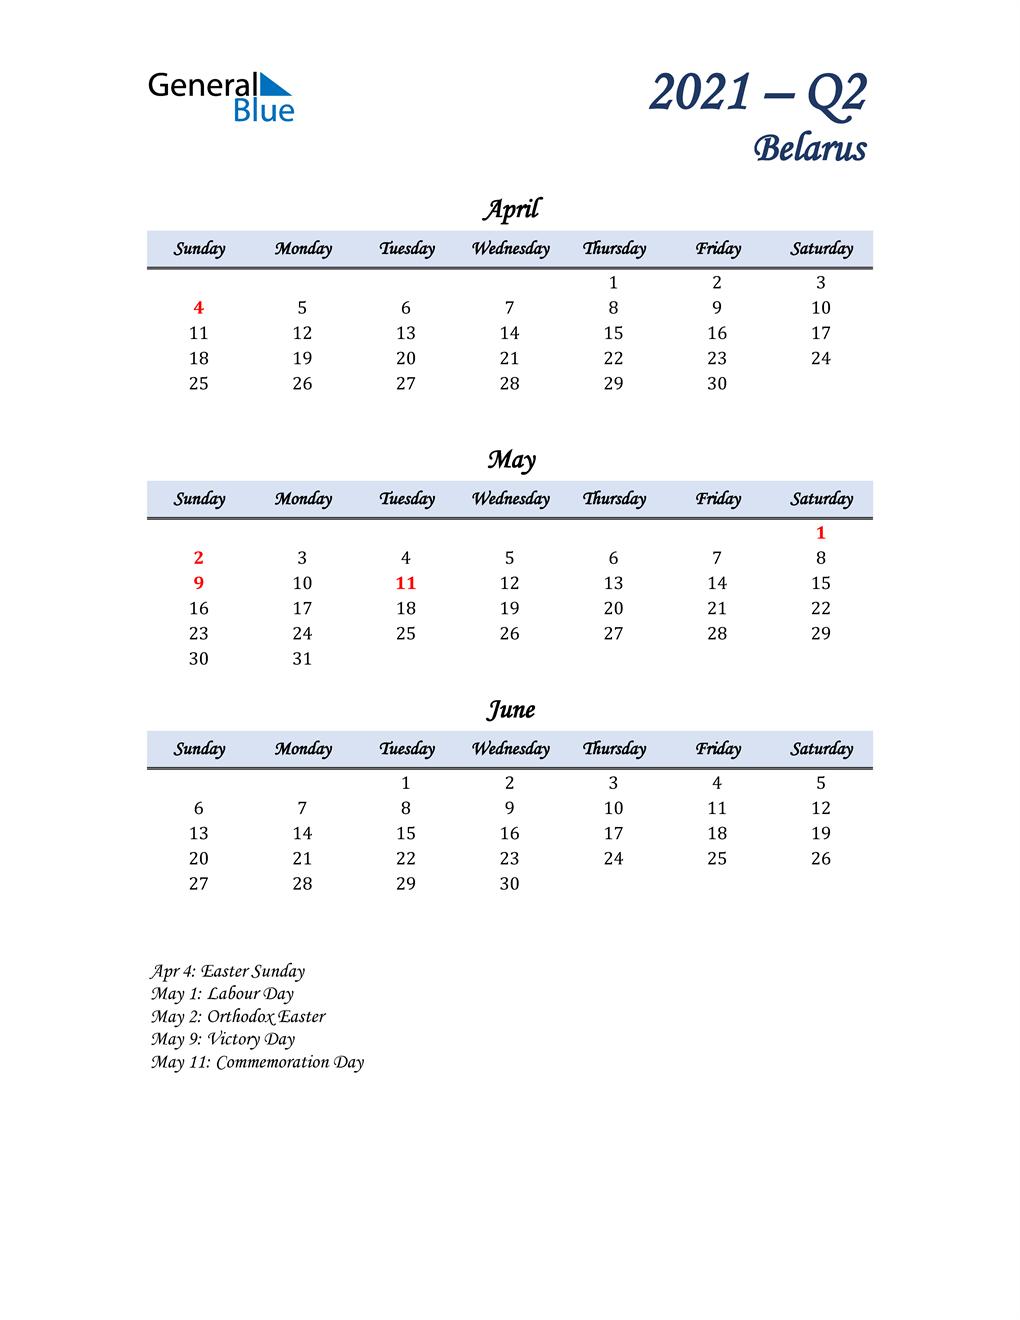 April, May, and June Calendar for Belarus